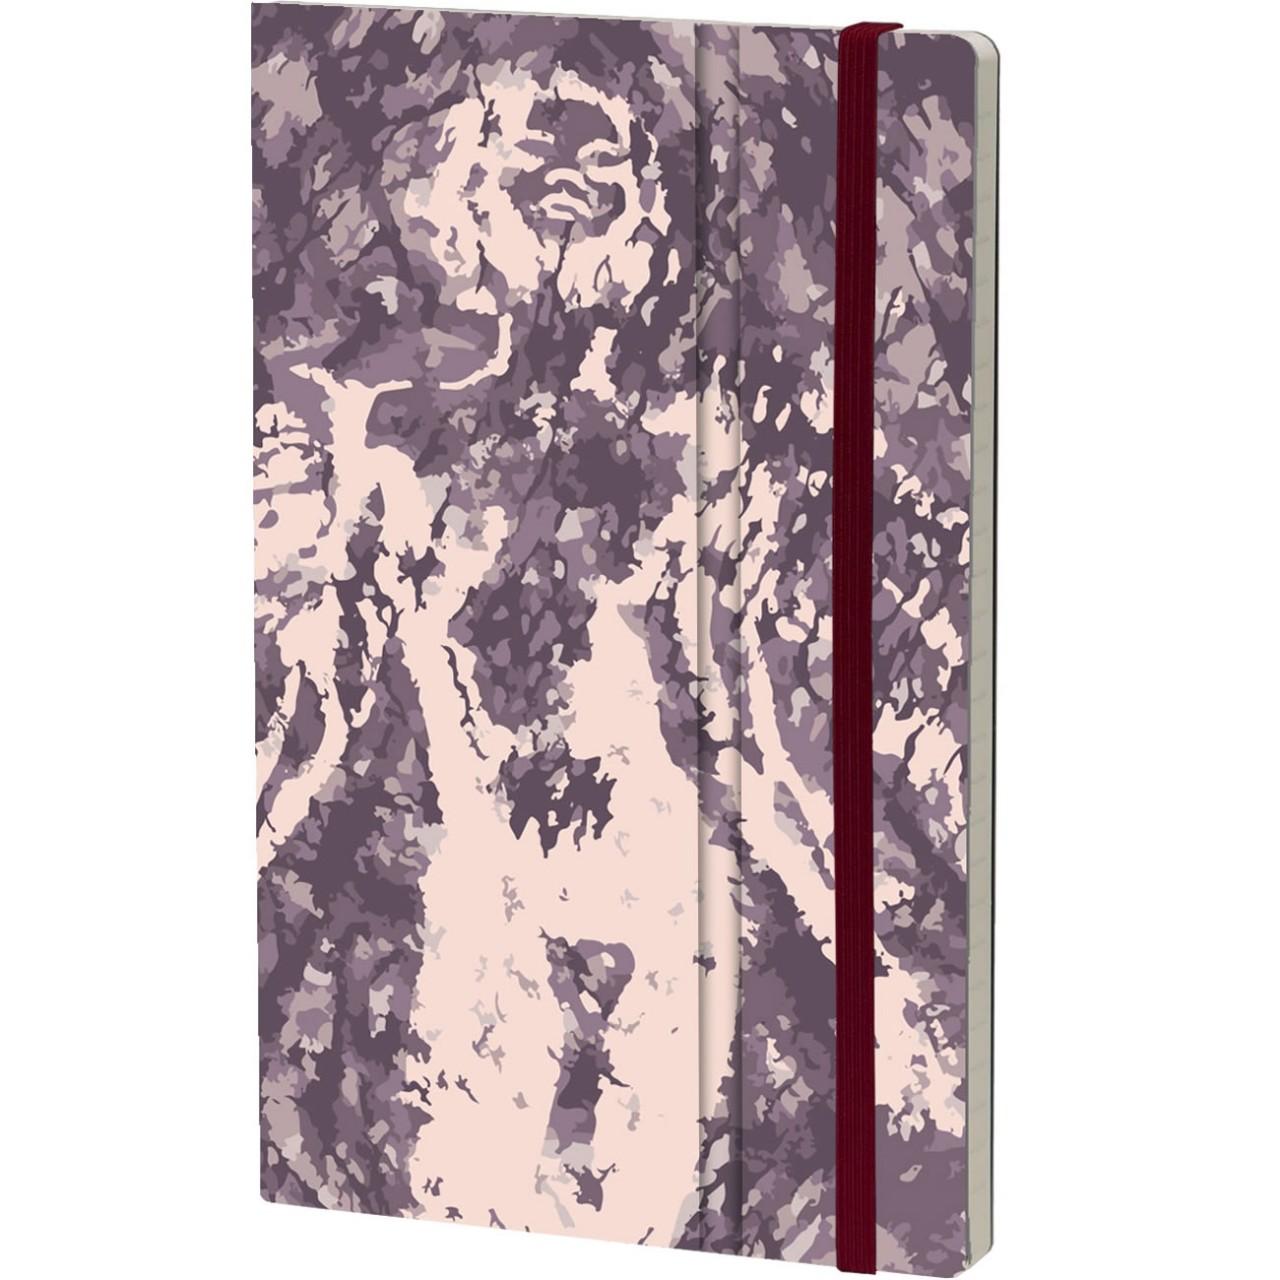 Stifflex Notizbuch PAINT - FRAGMENTATION 13 x 21 cm 192 S., AMGELO ROSE